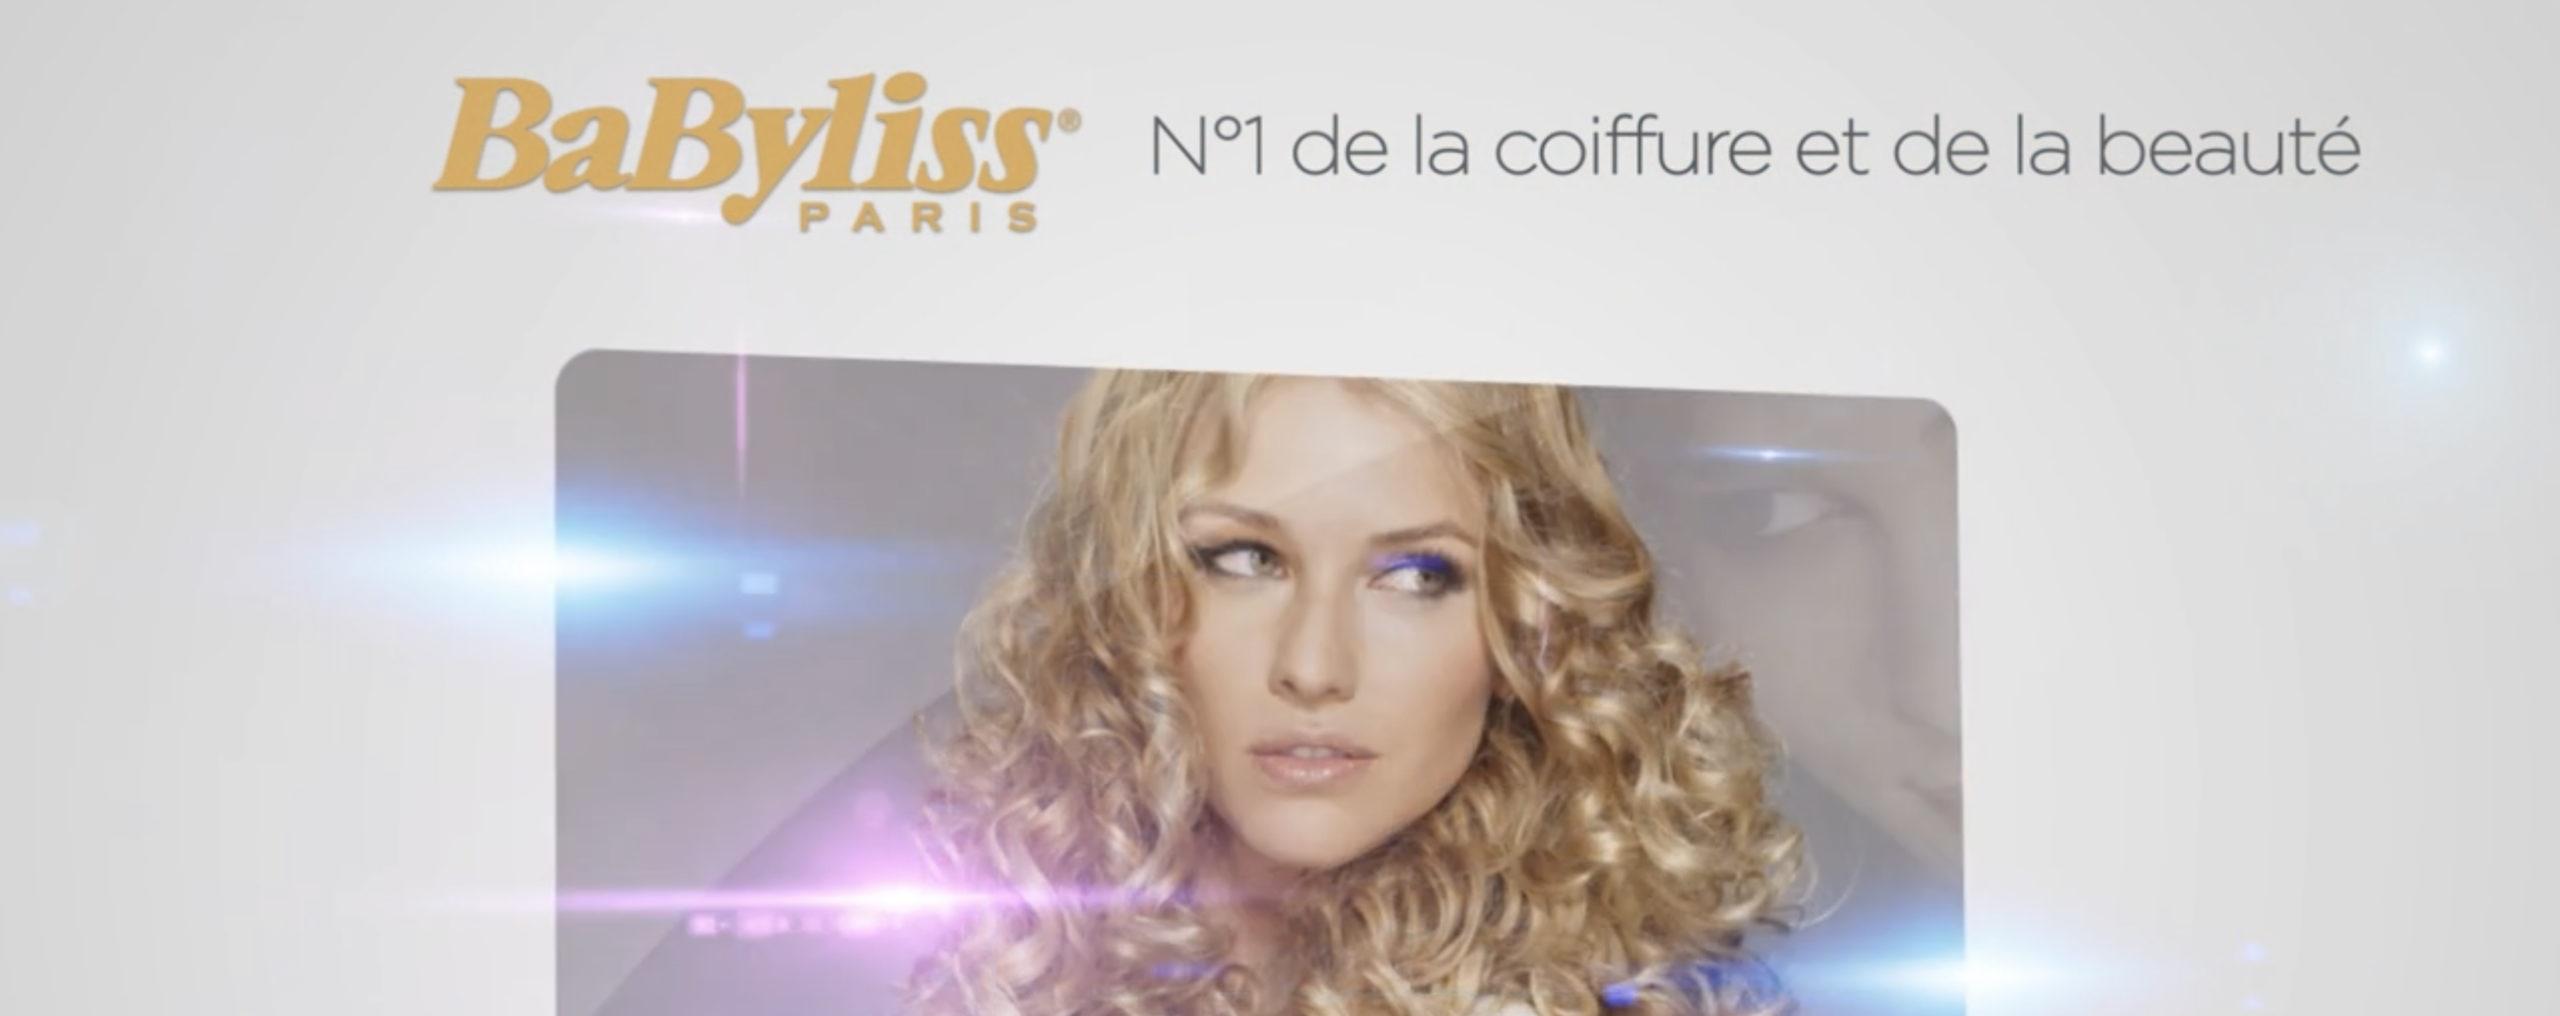 Motion design Babyliss Paris